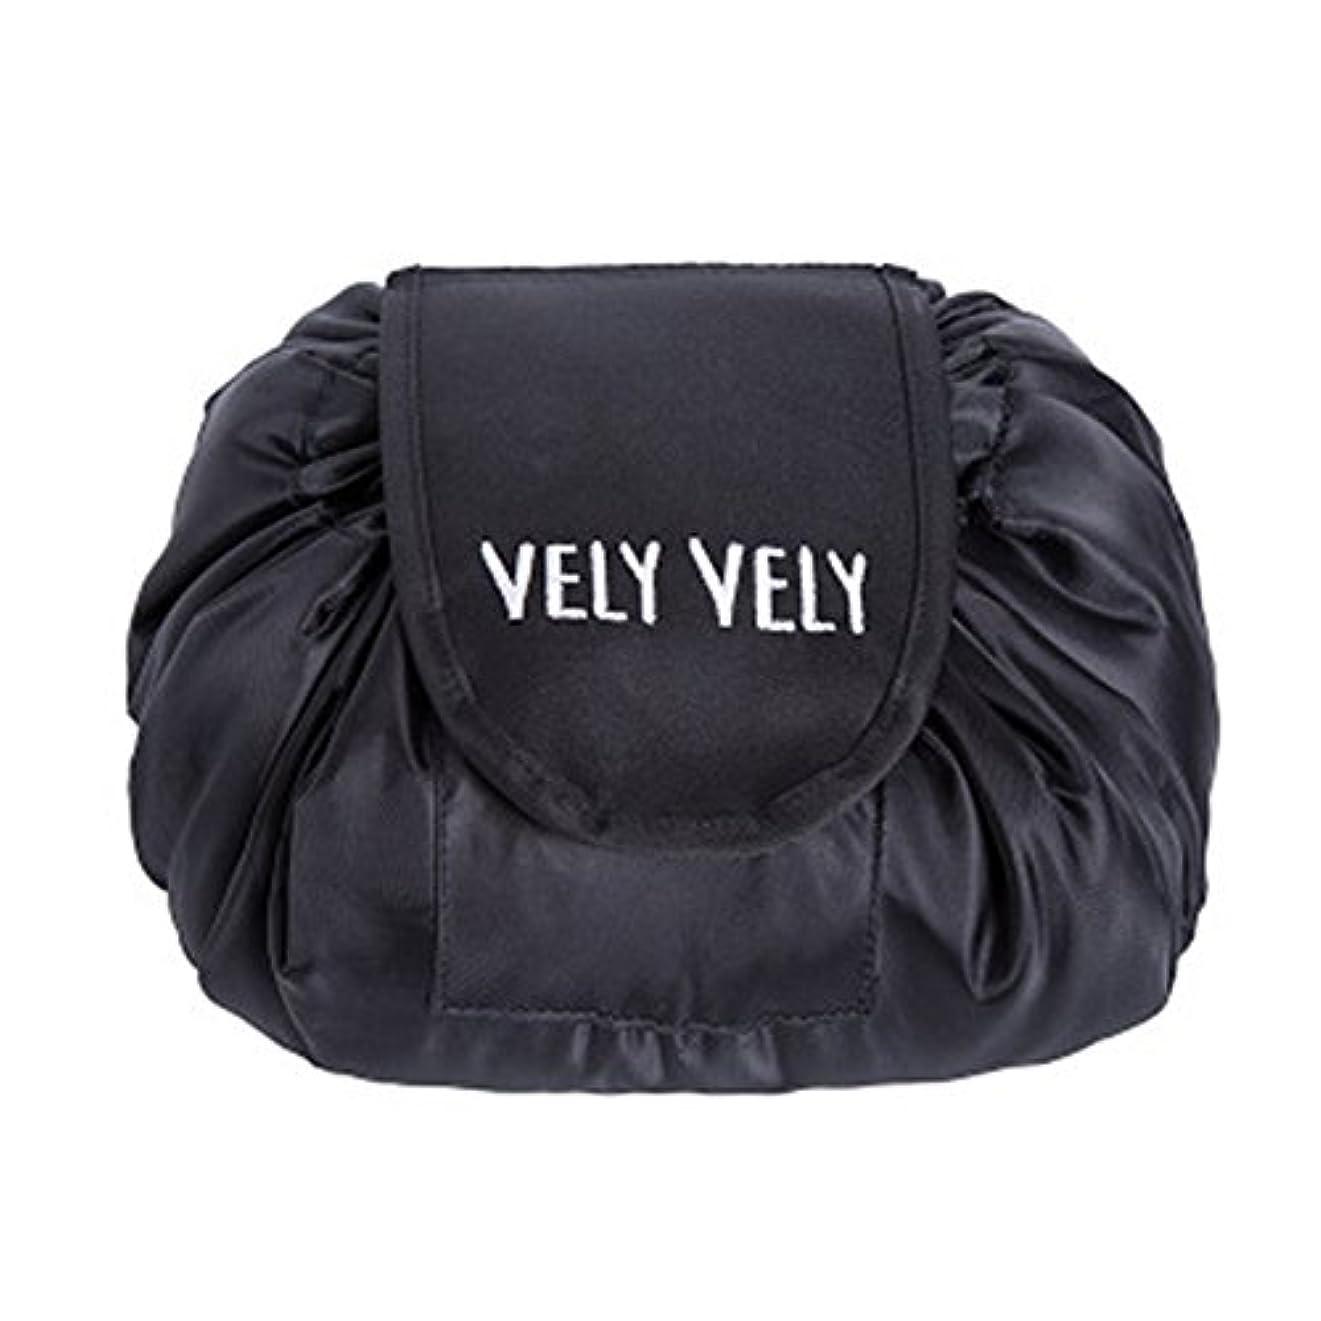 徴収気怠い葡萄Littleliving 旅行メイクバッグ 旅行化粧バッグ メイク収納バッグ 化粧ポーチ 大容量 巾着 マジックふろしきポーチ